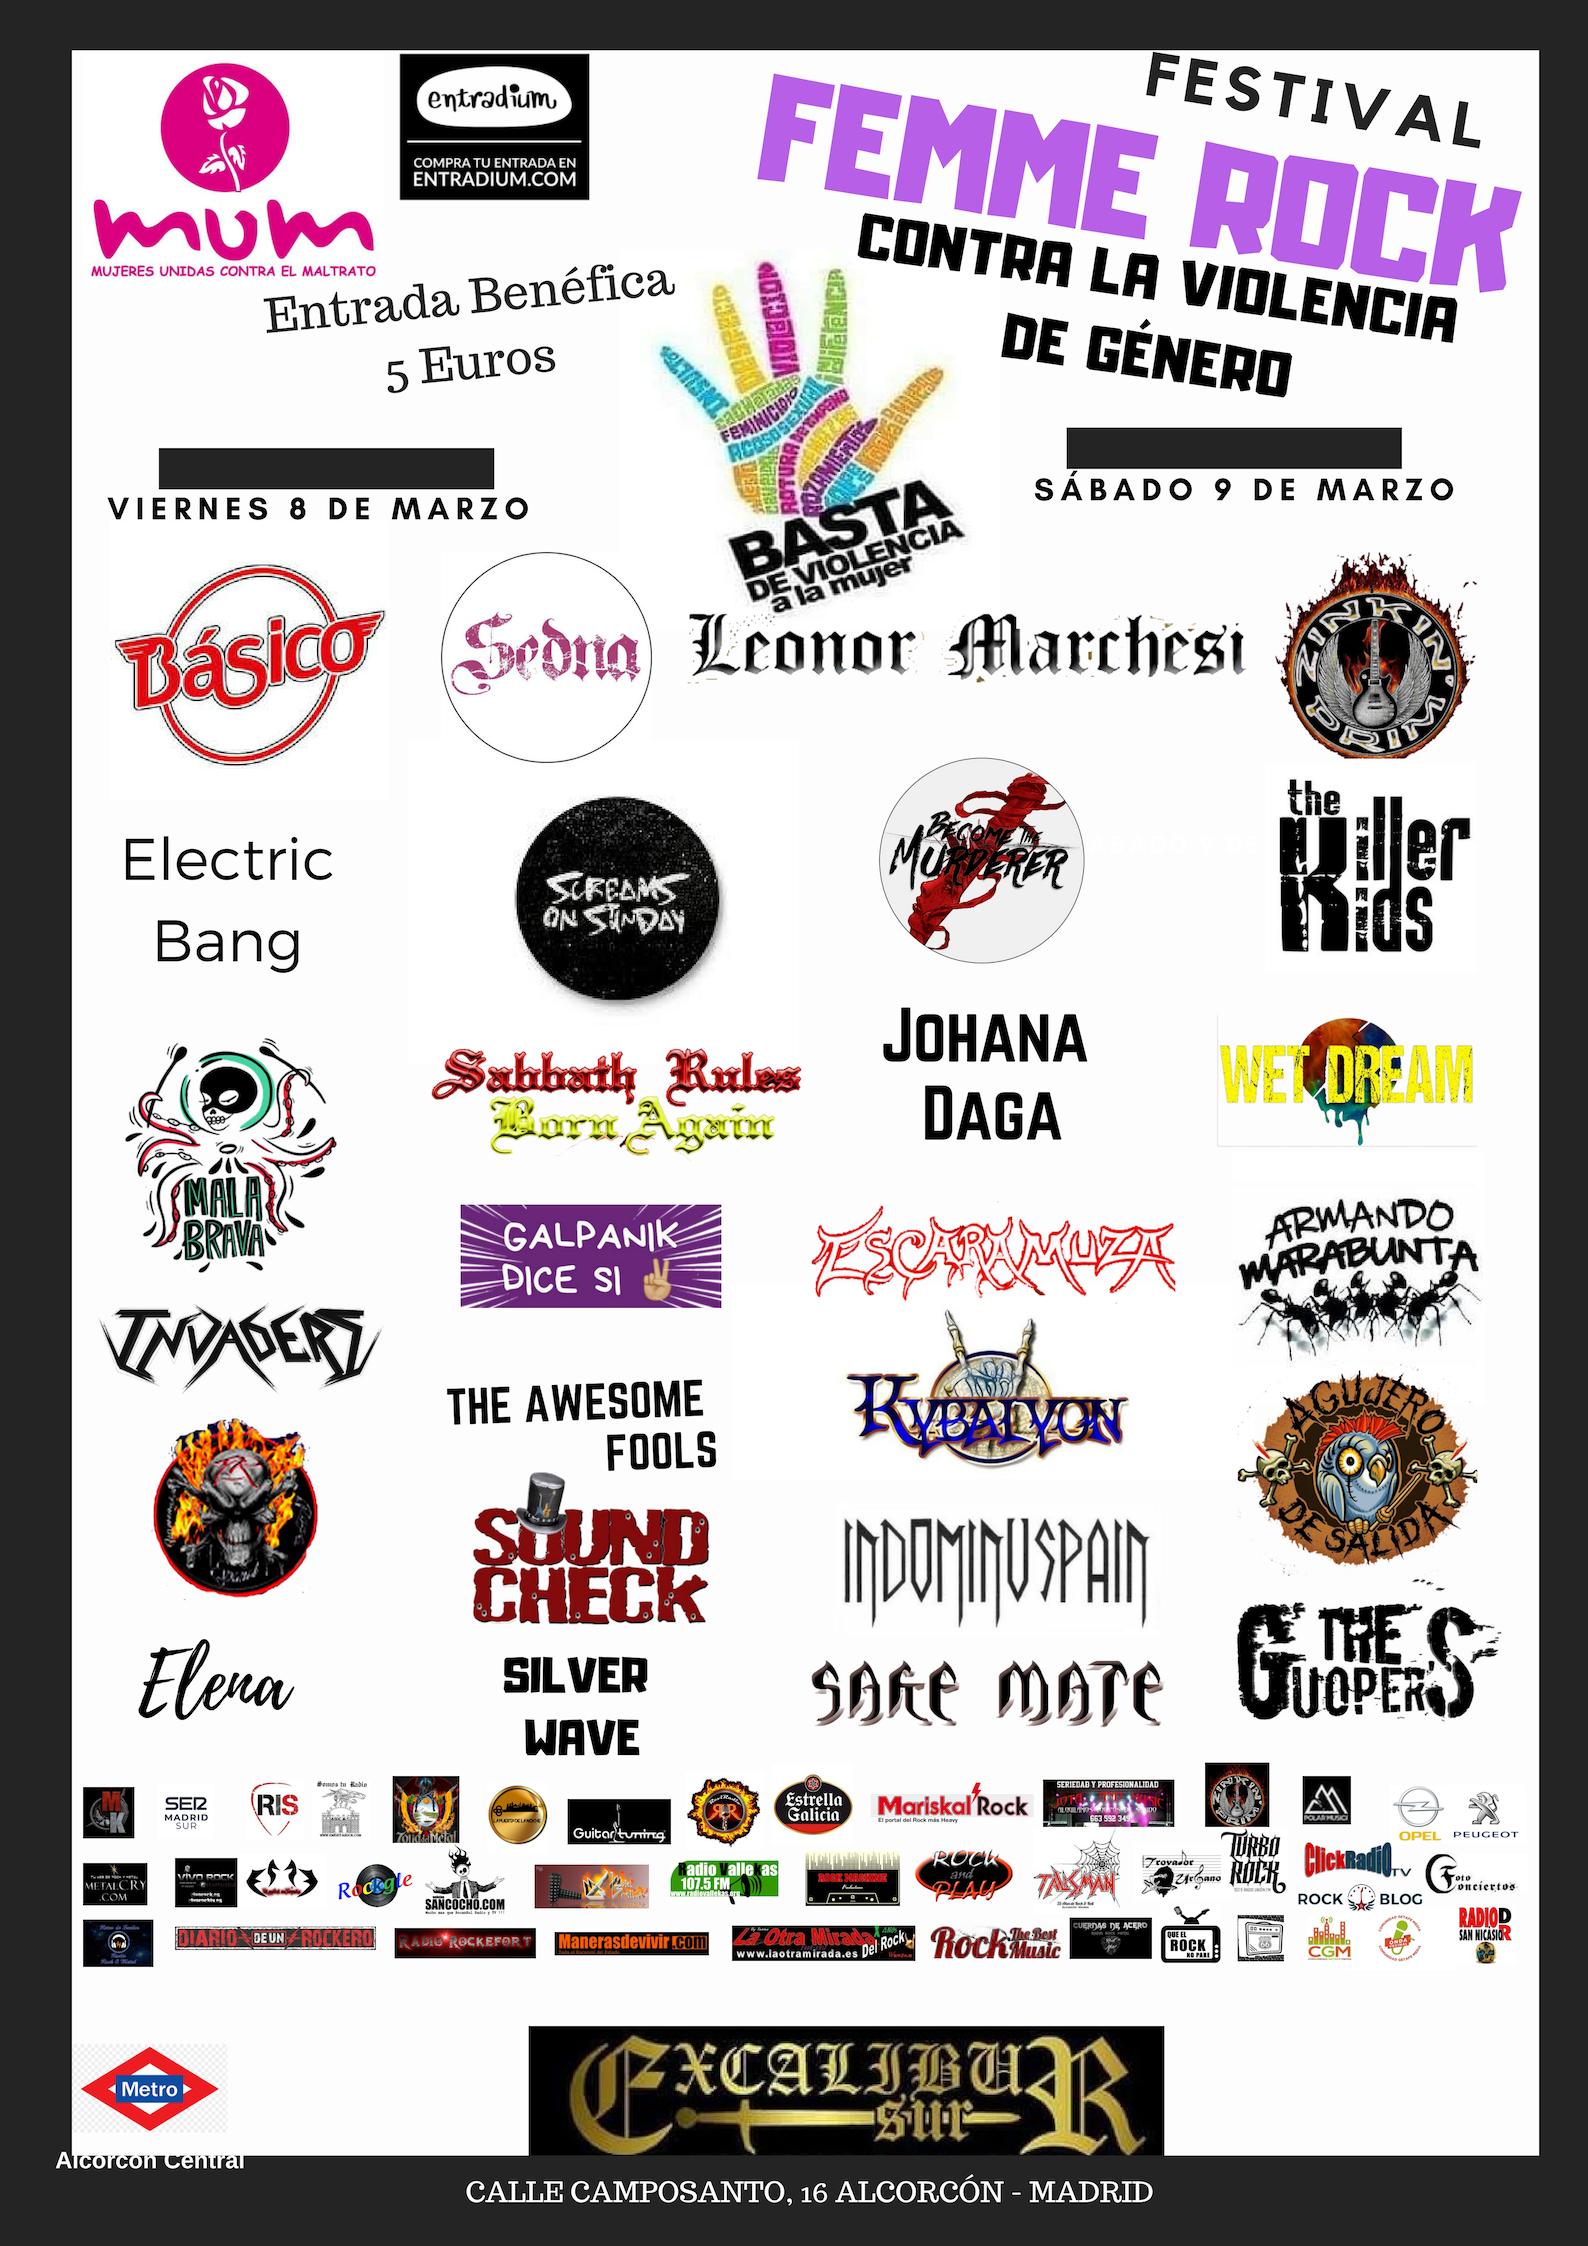 Festival Femme Rock